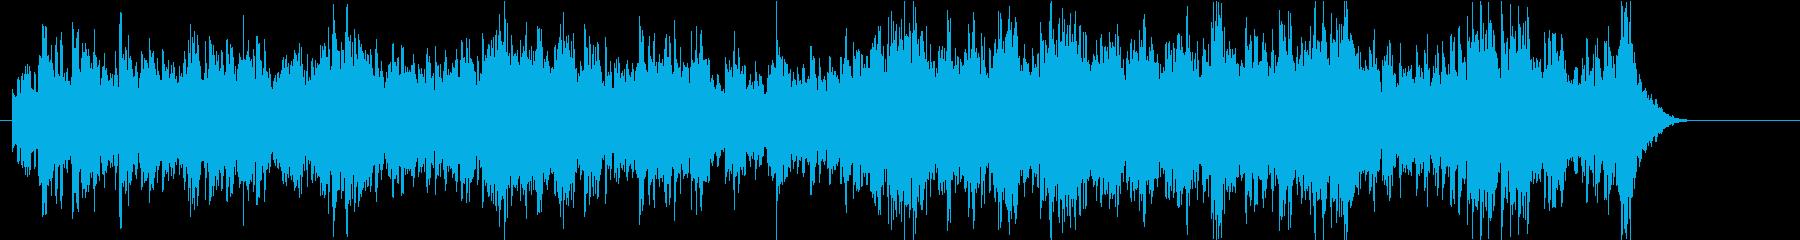 オールドライクなビブラフォンによるBGMの再生済みの波形